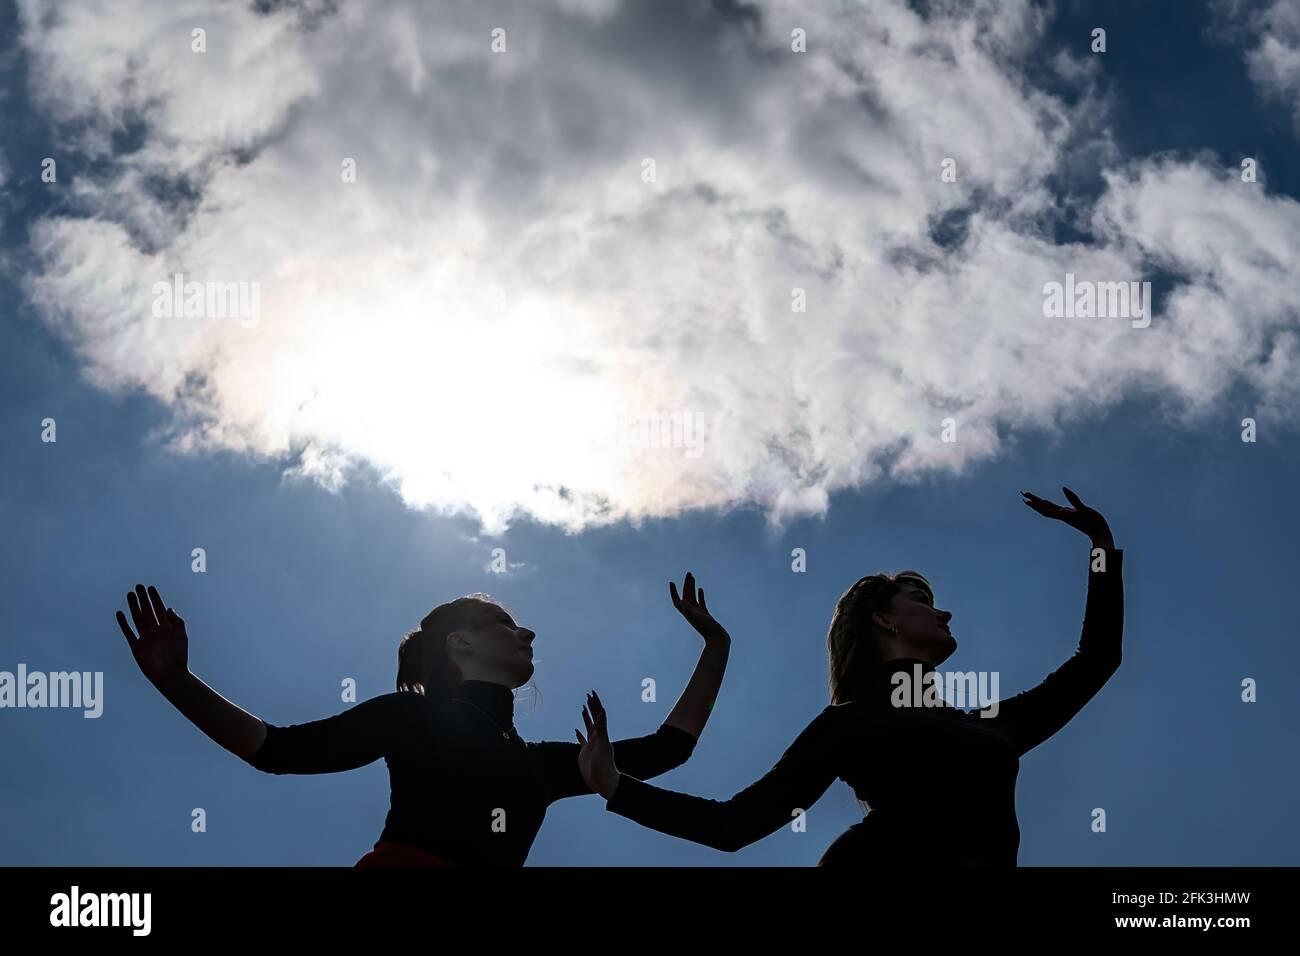 Londres, Royaume-Uni. 28 avril 2021. Journée internationale de la danse : les danseurs de Ranbu se produisent sur Hampstead Heath avant la Journée internationale de la danse le 29 avril (L-R Belinda Roy, Sophie Chinner). Le nouveau collectif de danse basé à Londres et au Japon vise à créer une plate-forme pour les danseurs contemporains de collaborer, de jouer et de partager des idées avec d'autres artistes. Célébrée pour la première fois en 1982, la Journée internationale de la danse a lieu chaque année depuis la naissance de Jean-Georges Noverre (1727-1810), créateur du ballet moderne. Credit: Guy Corbishley/Alamy Live News Banque D'Images